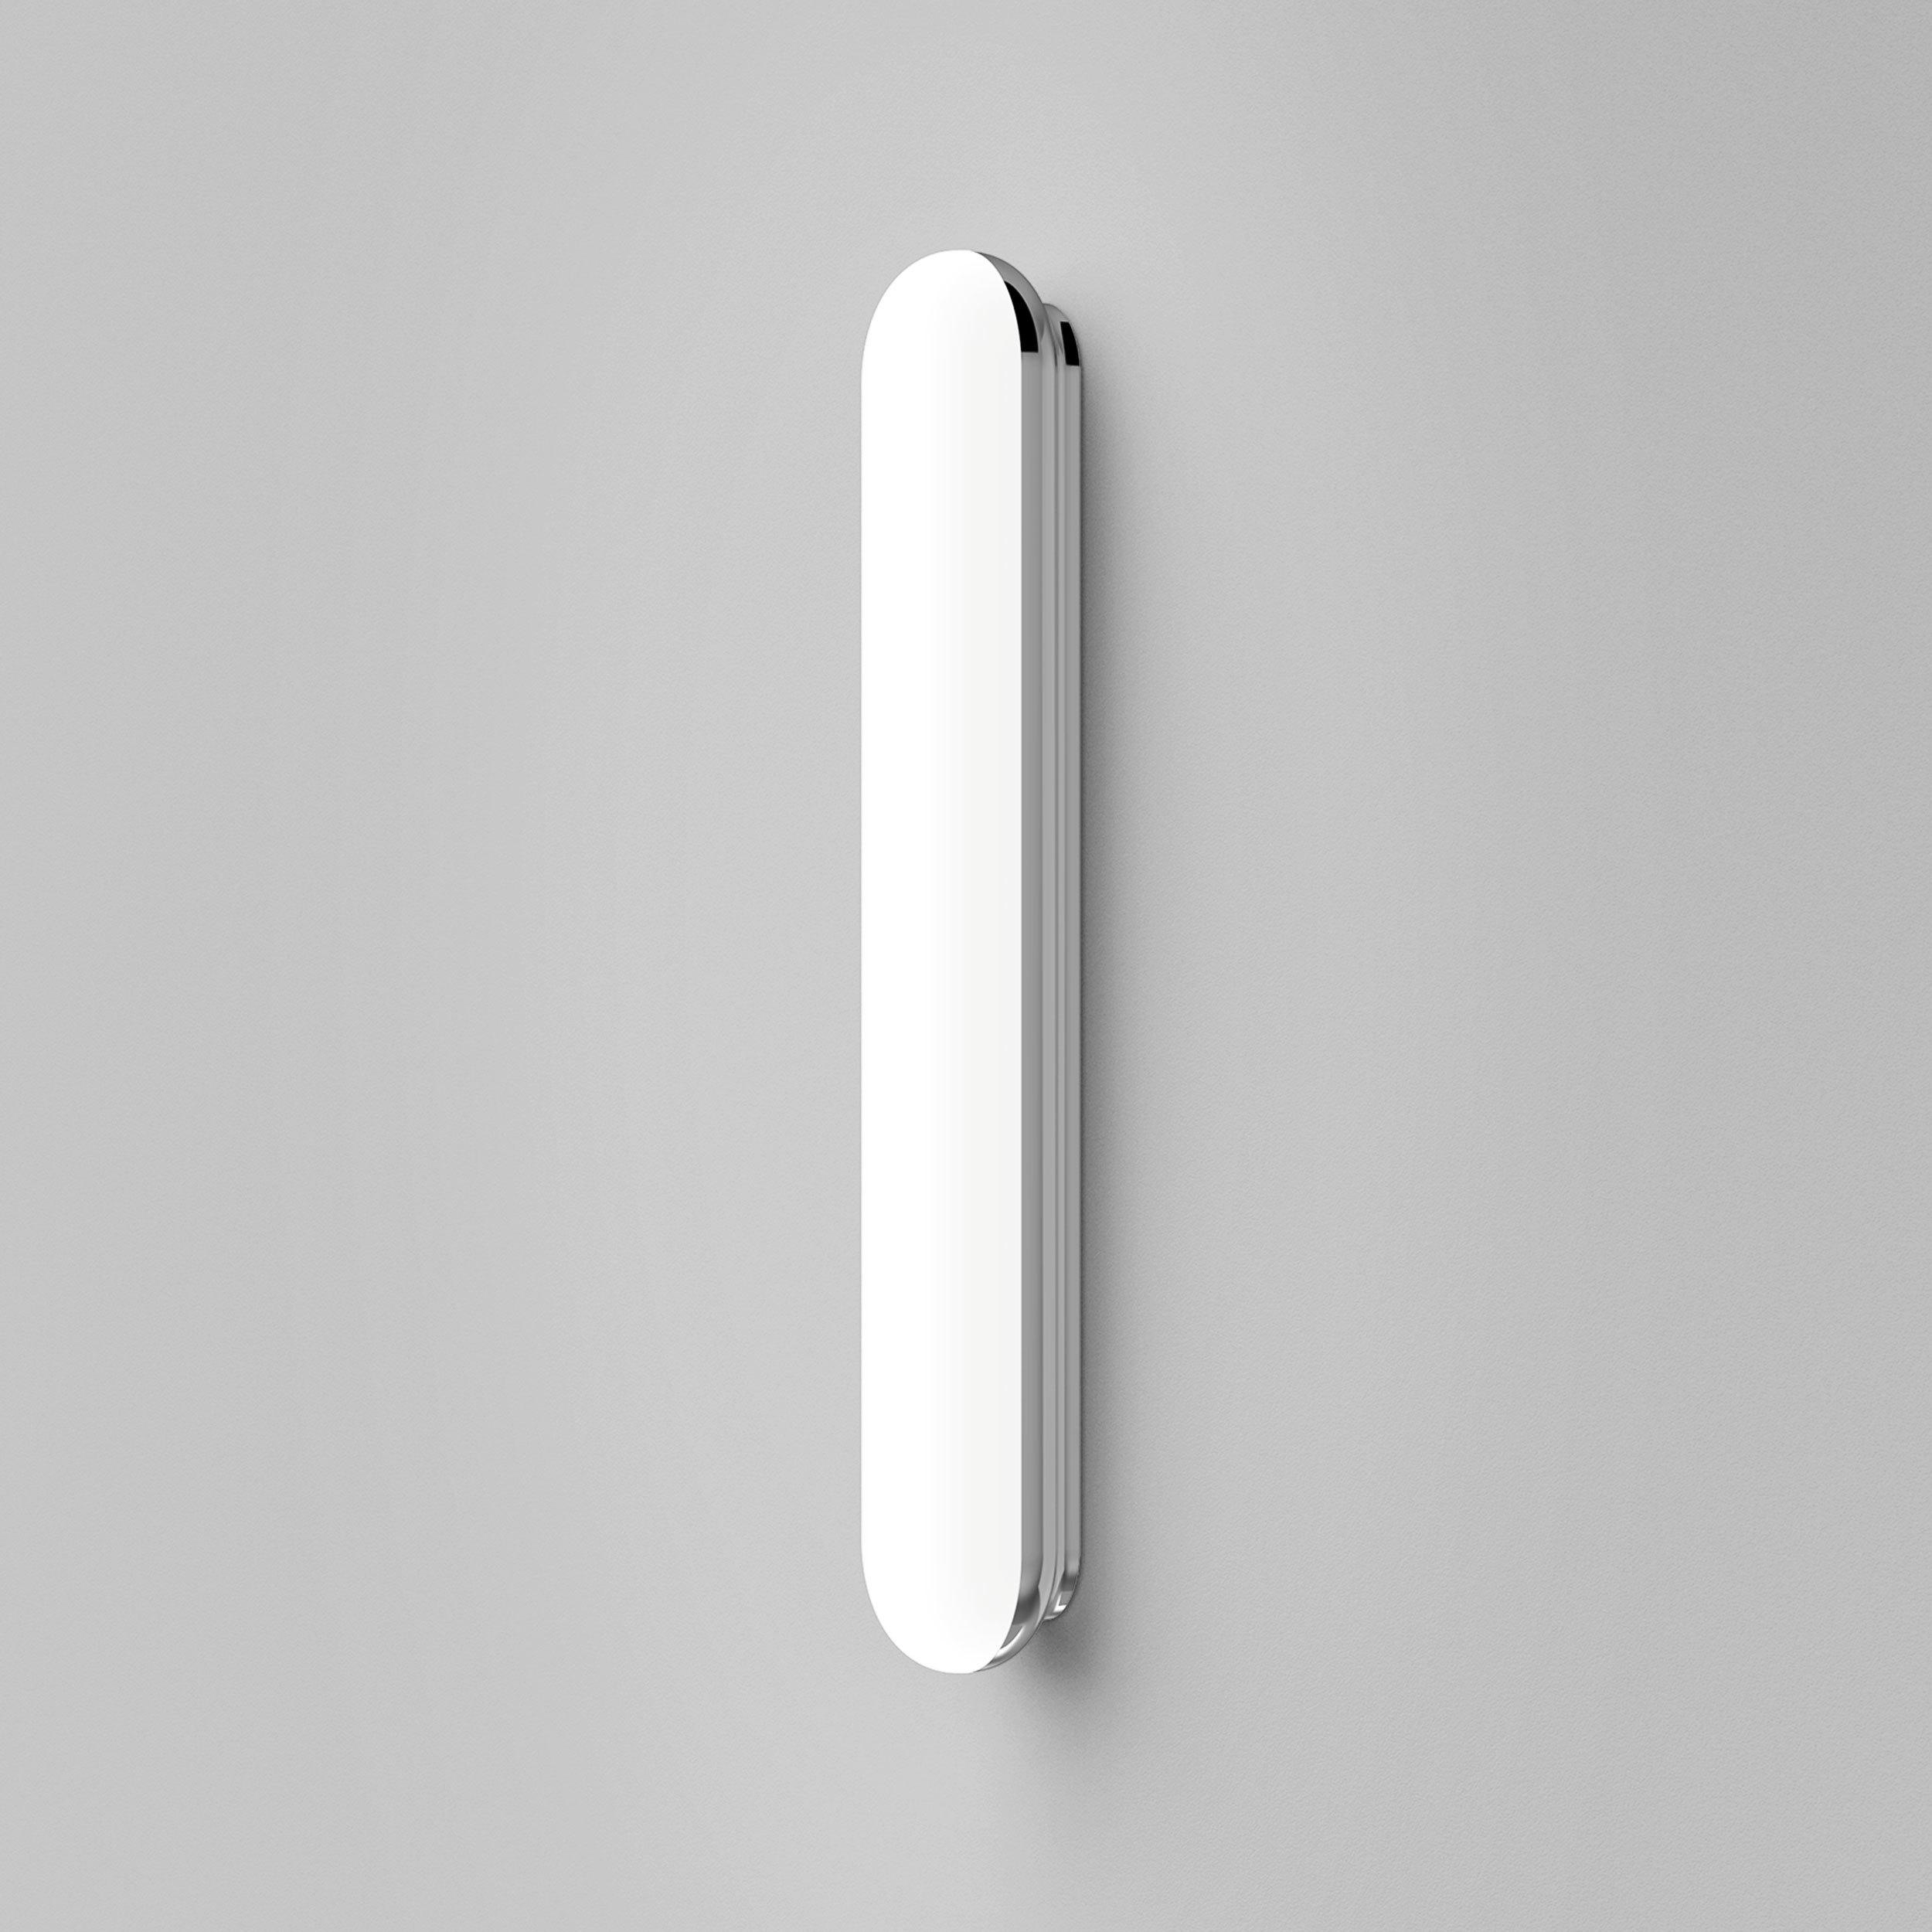 Настенный светодиодный светильник Astro Altea LED 1133006 (8015), IP44, LED 20,3W 3000K 858lm CRI80, хром, белый, металл, пластик - фото 3